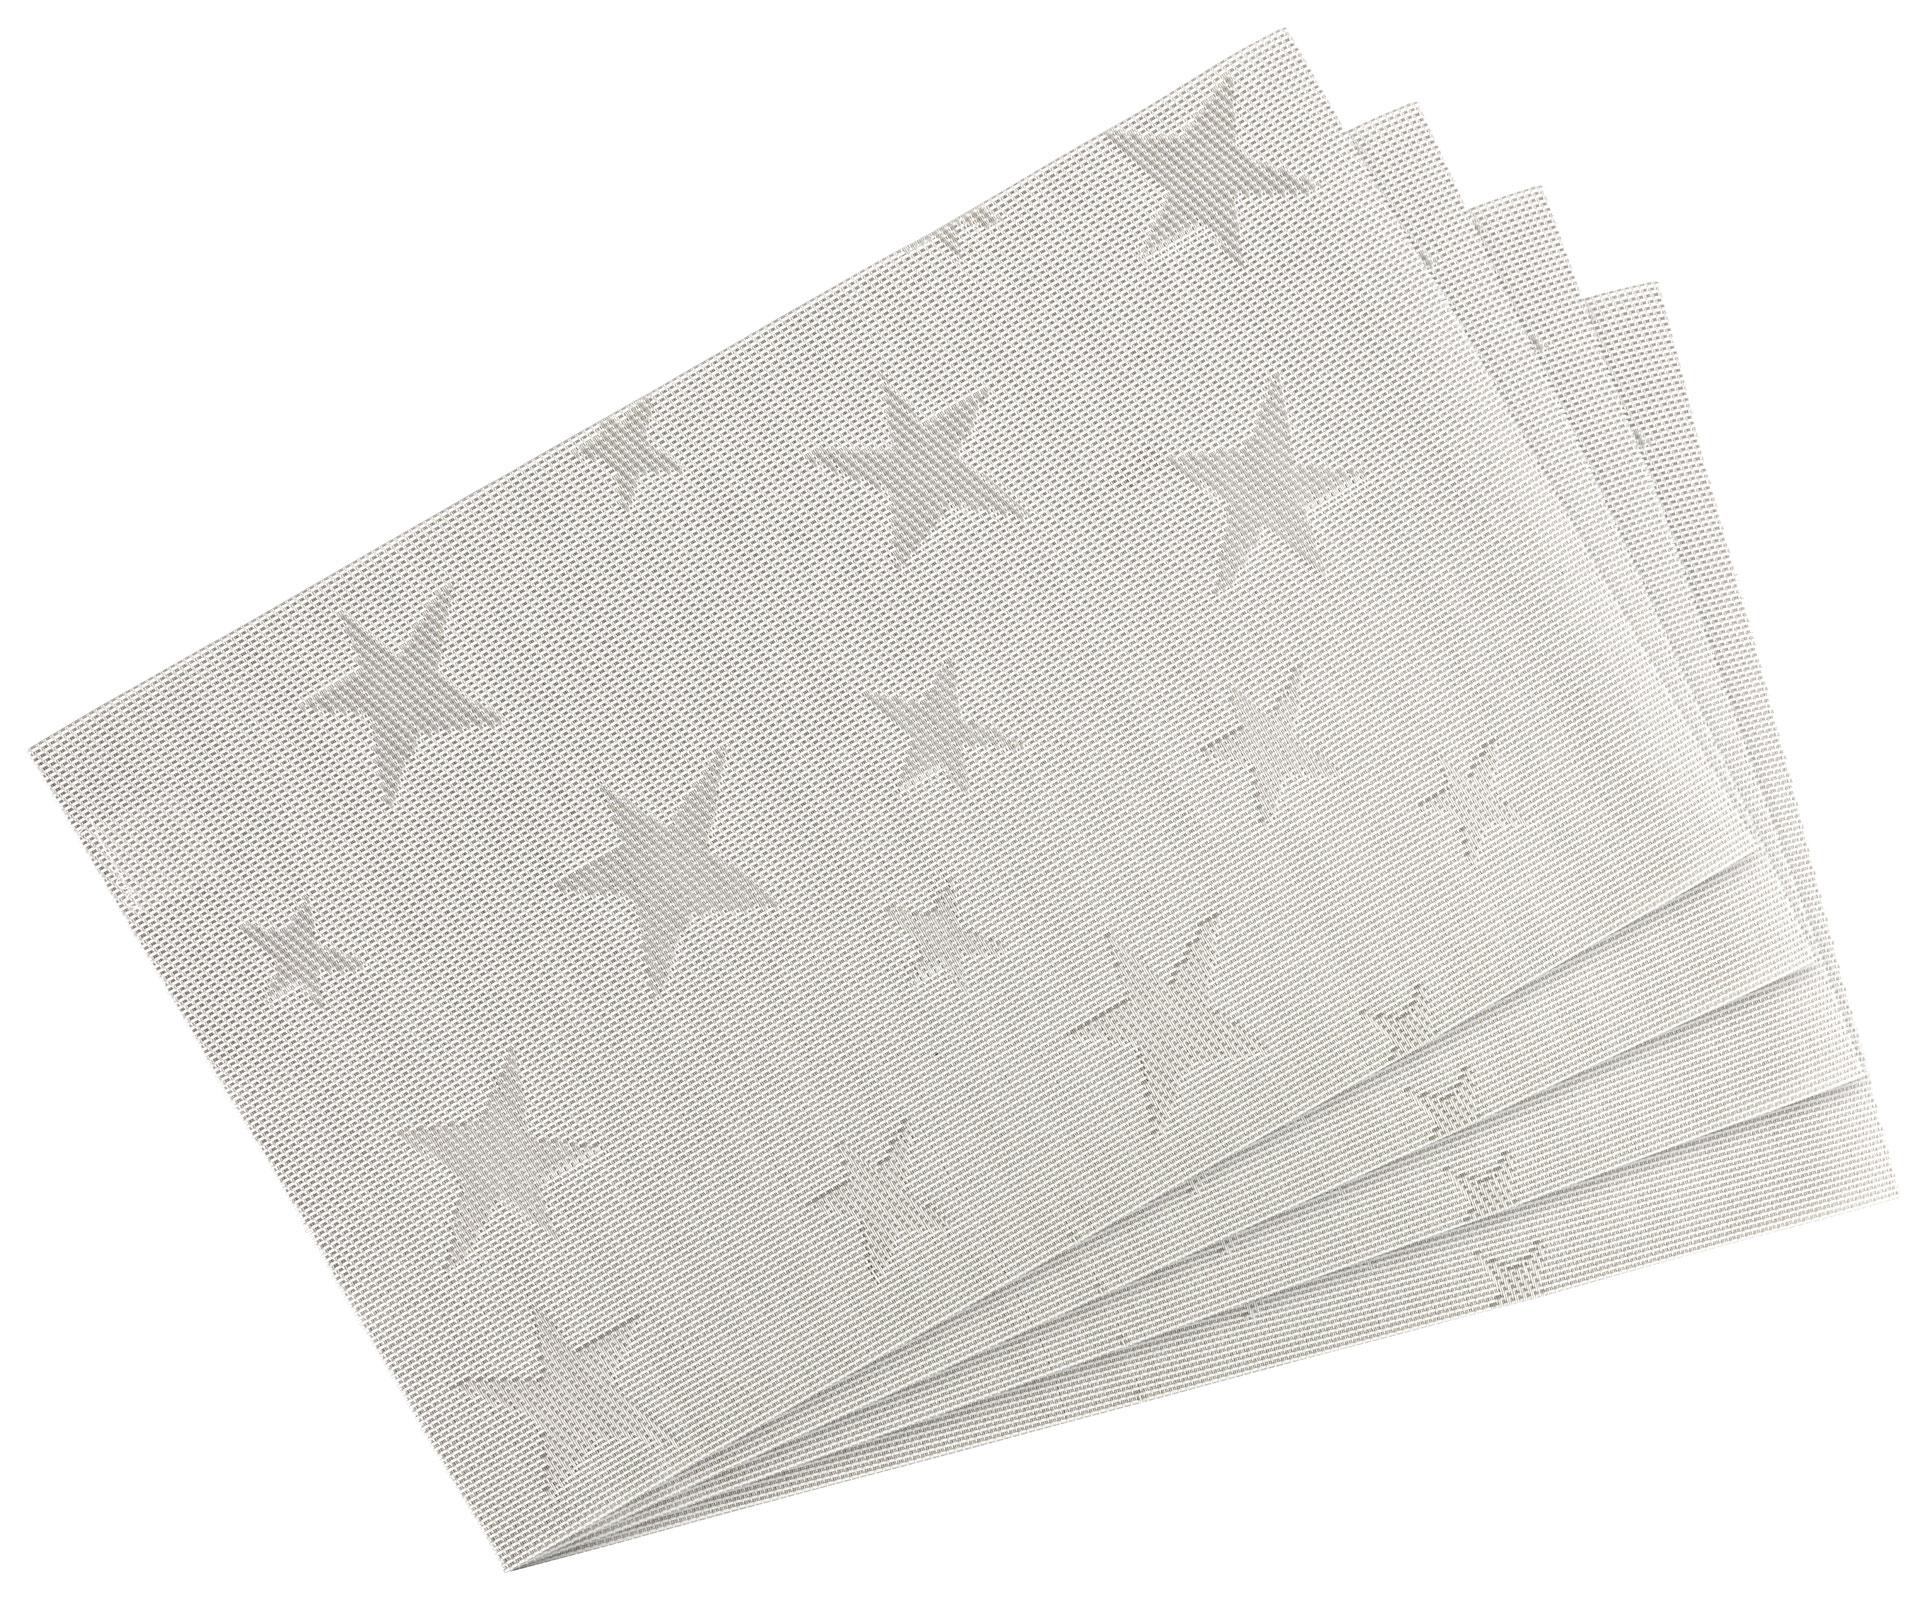 Küchentextilien - 4er Pack Platzset Tischset 30x45cm waschbar und hitzebeständig Sterne hellgrau  - Onlineshop PremiumShop321